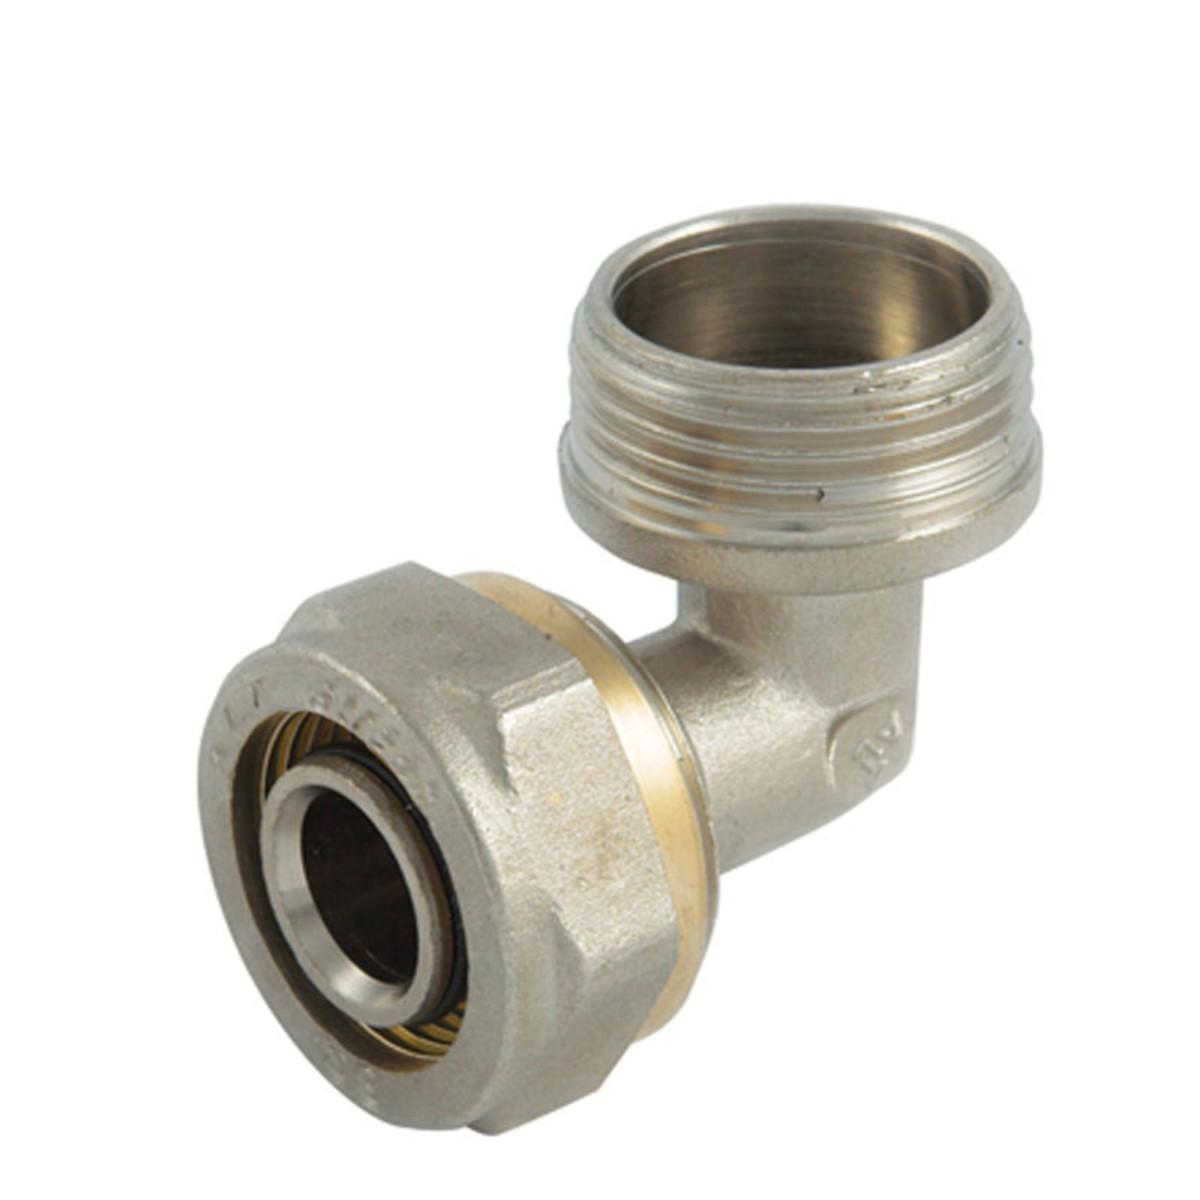 Уголок обжимной наружная резьба 3/4х20 мм никелированная латунь